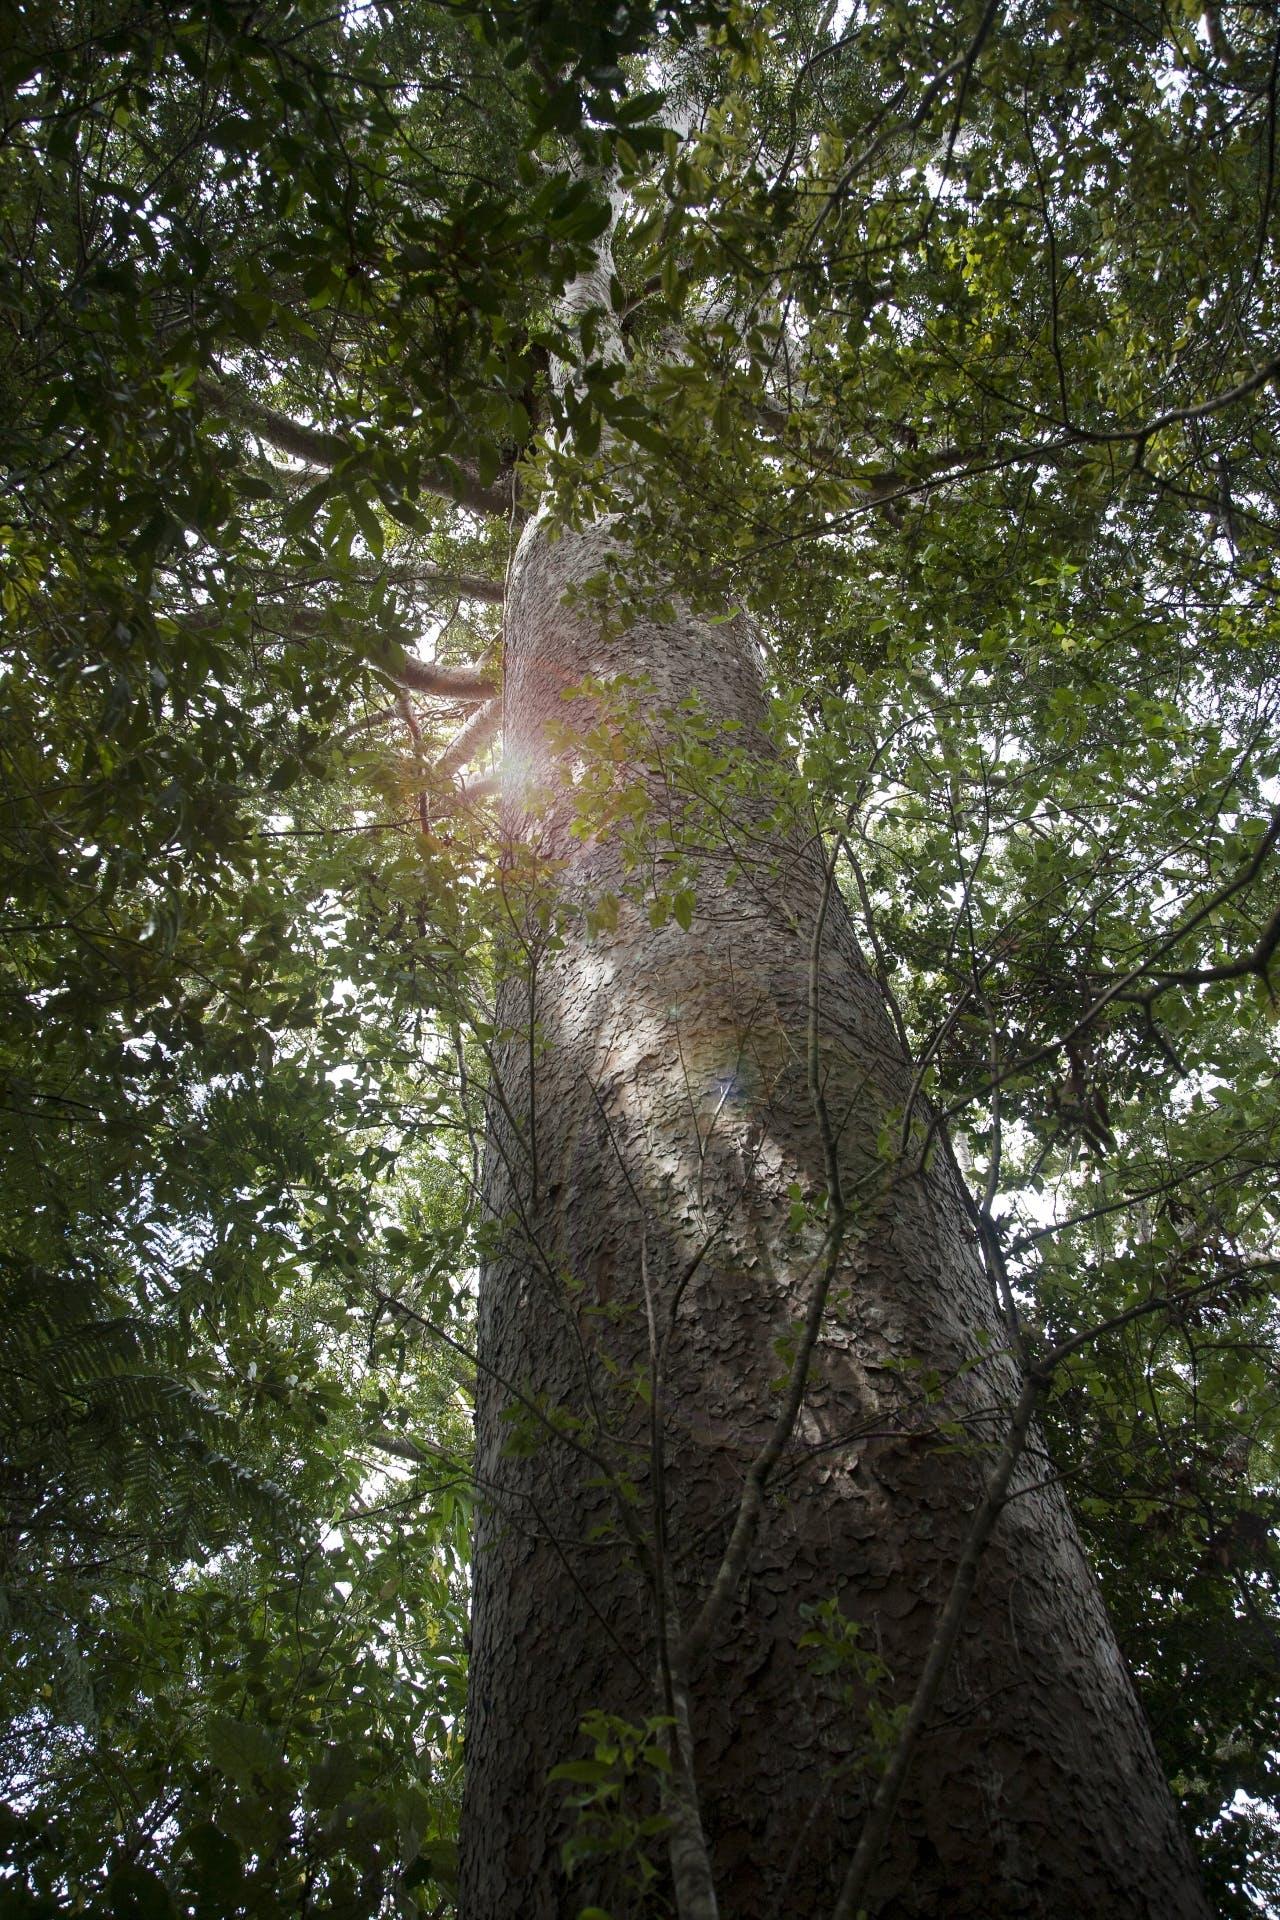 A survivor of the kauri logging days.